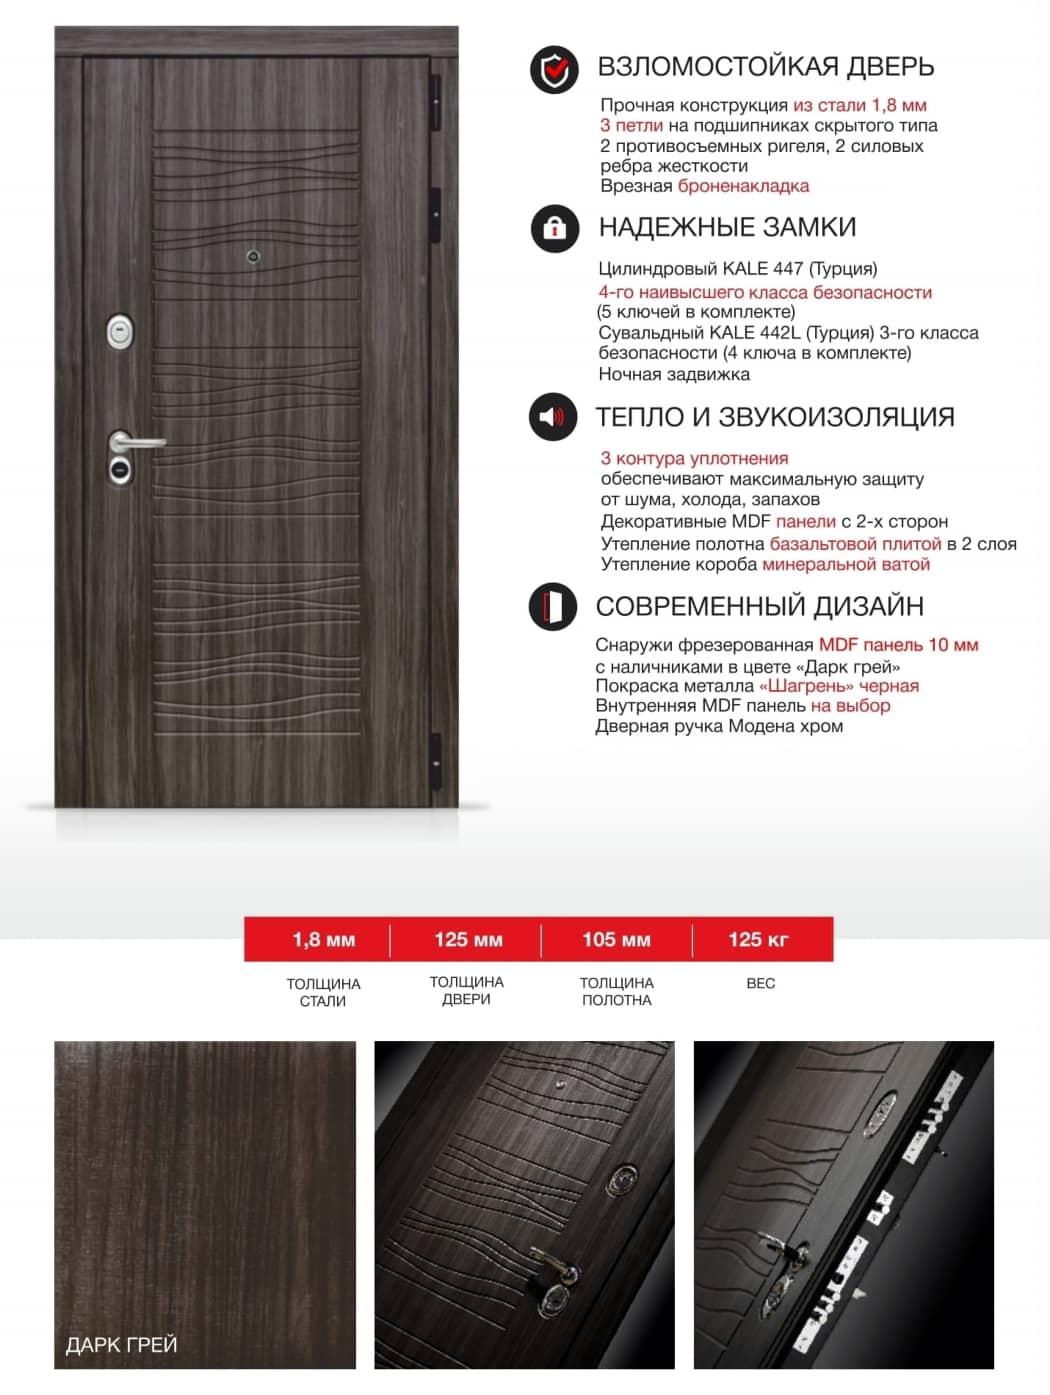 двери scandi, входная дверь scandi, входные двери сканди, двери лабиринт scandi